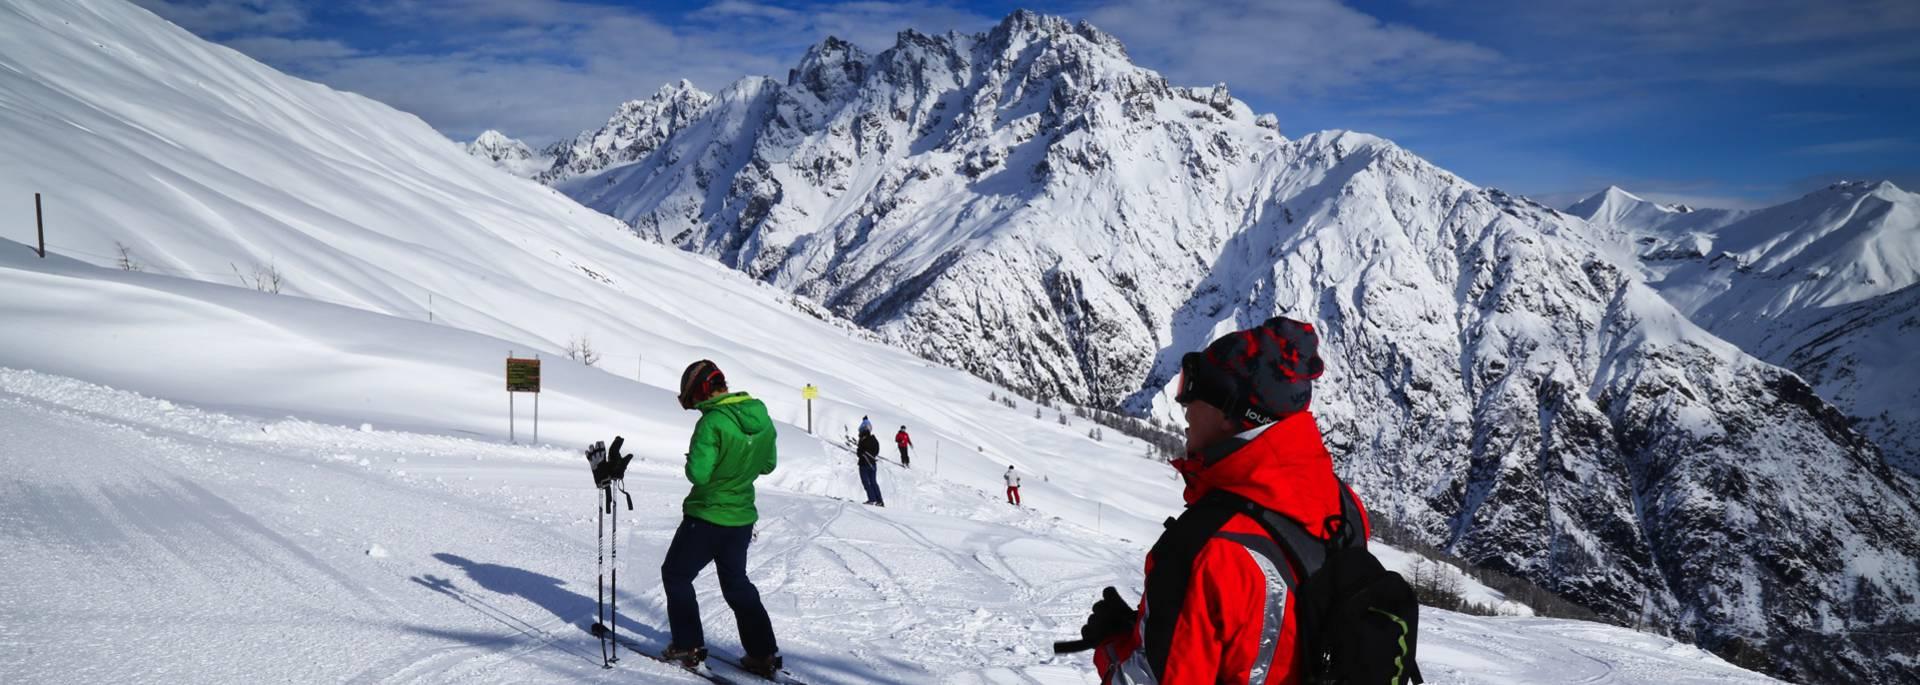 Ski alpin Pelvoux